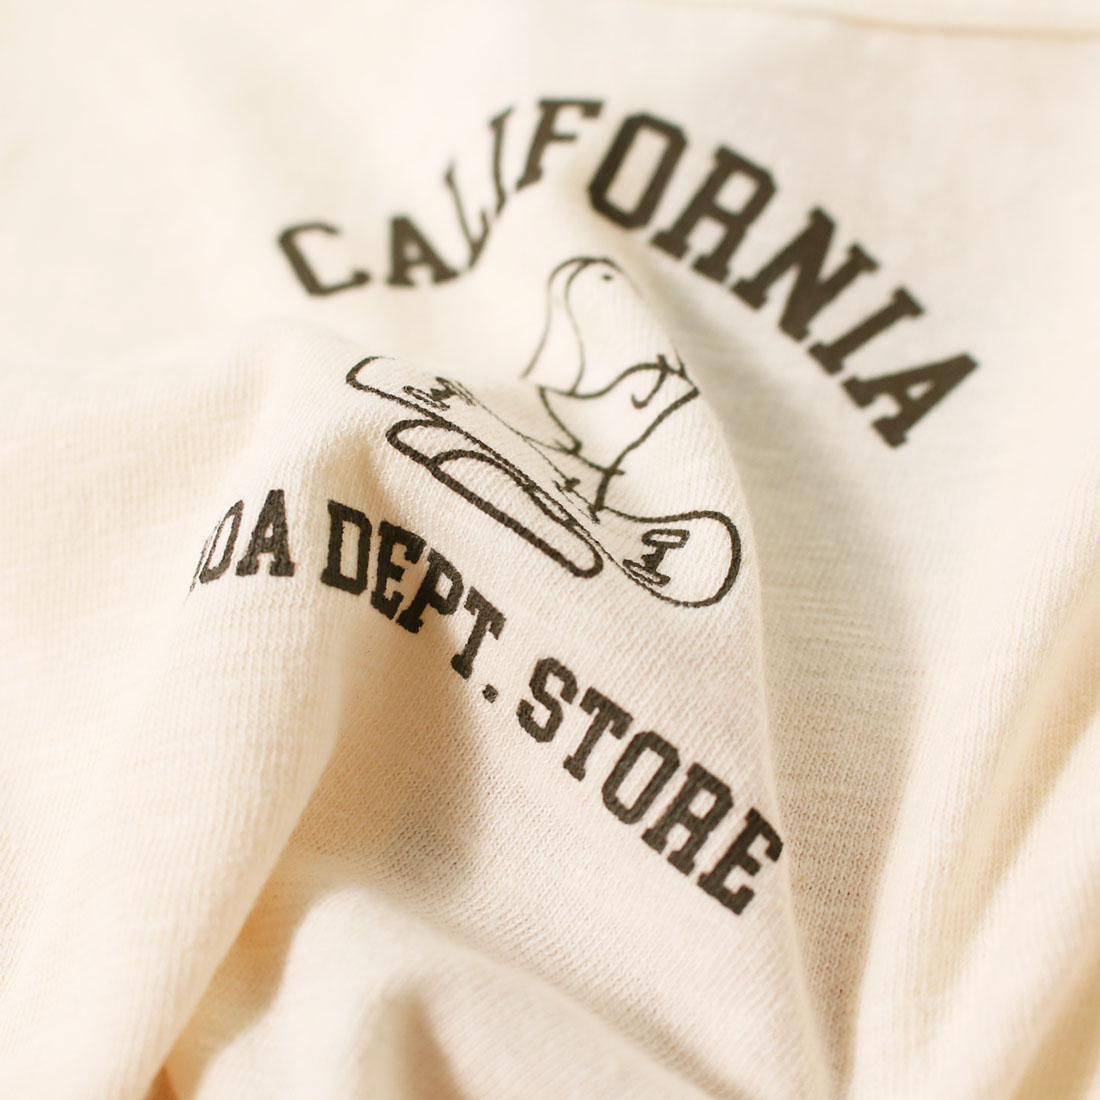 親子お揃い 親子ペア ペアルック 兄弟 長袖 Tシャツ ベビー キッズ ジュニアnoa department store. CALIFORNIA BOY スラブ天竺ロンT(80cm 90cm 100cm 110cm 120cm 130cm 140cm 150cm)【2枚までメール便可】